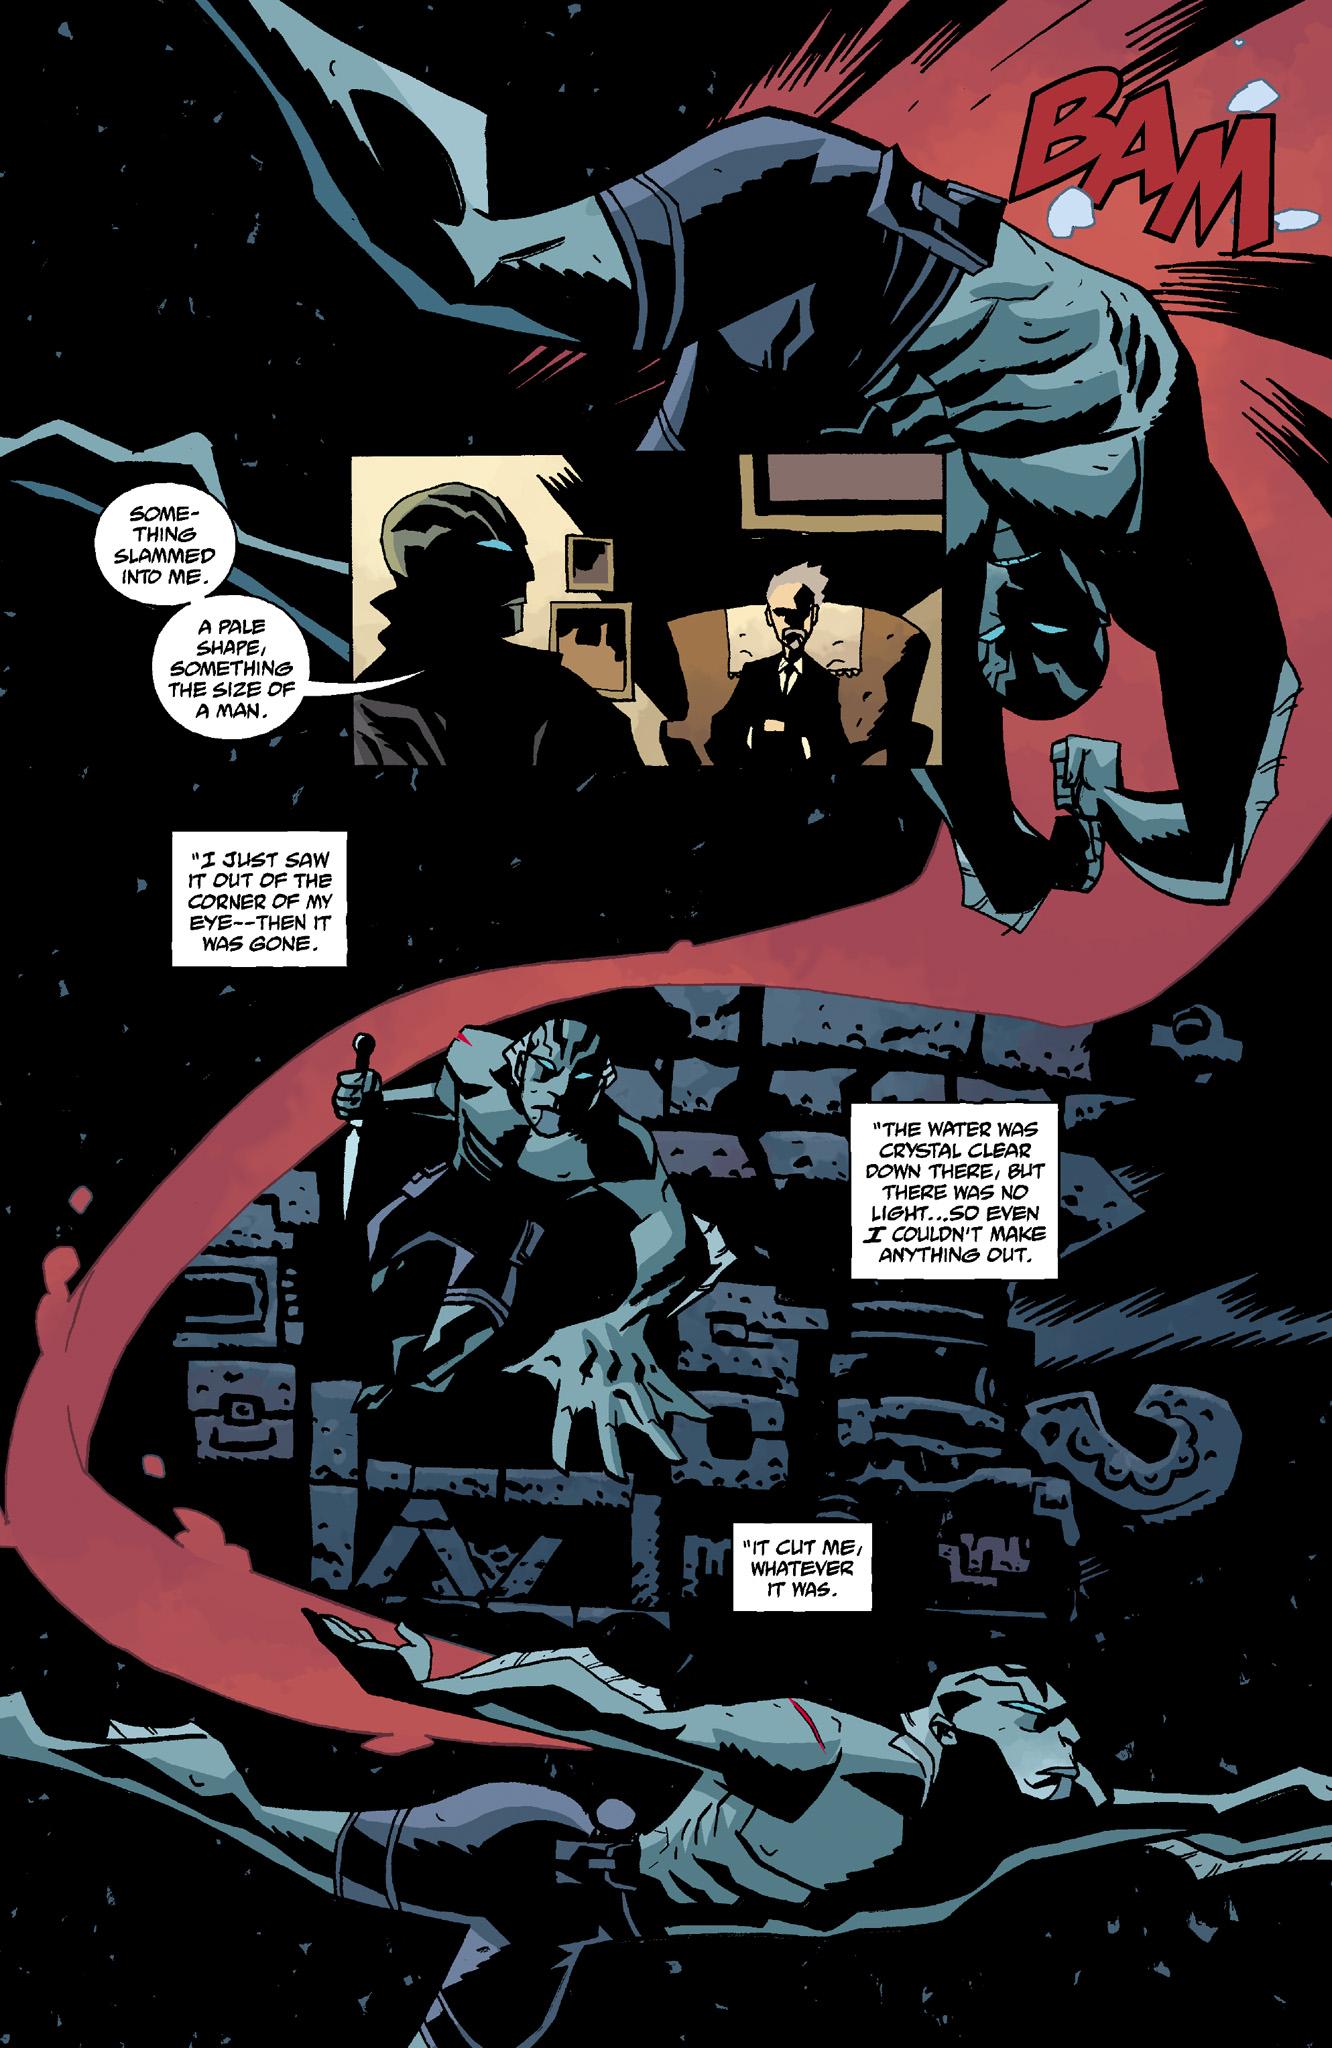 Read online Abe Sapien comic -  Issue #8 - 6